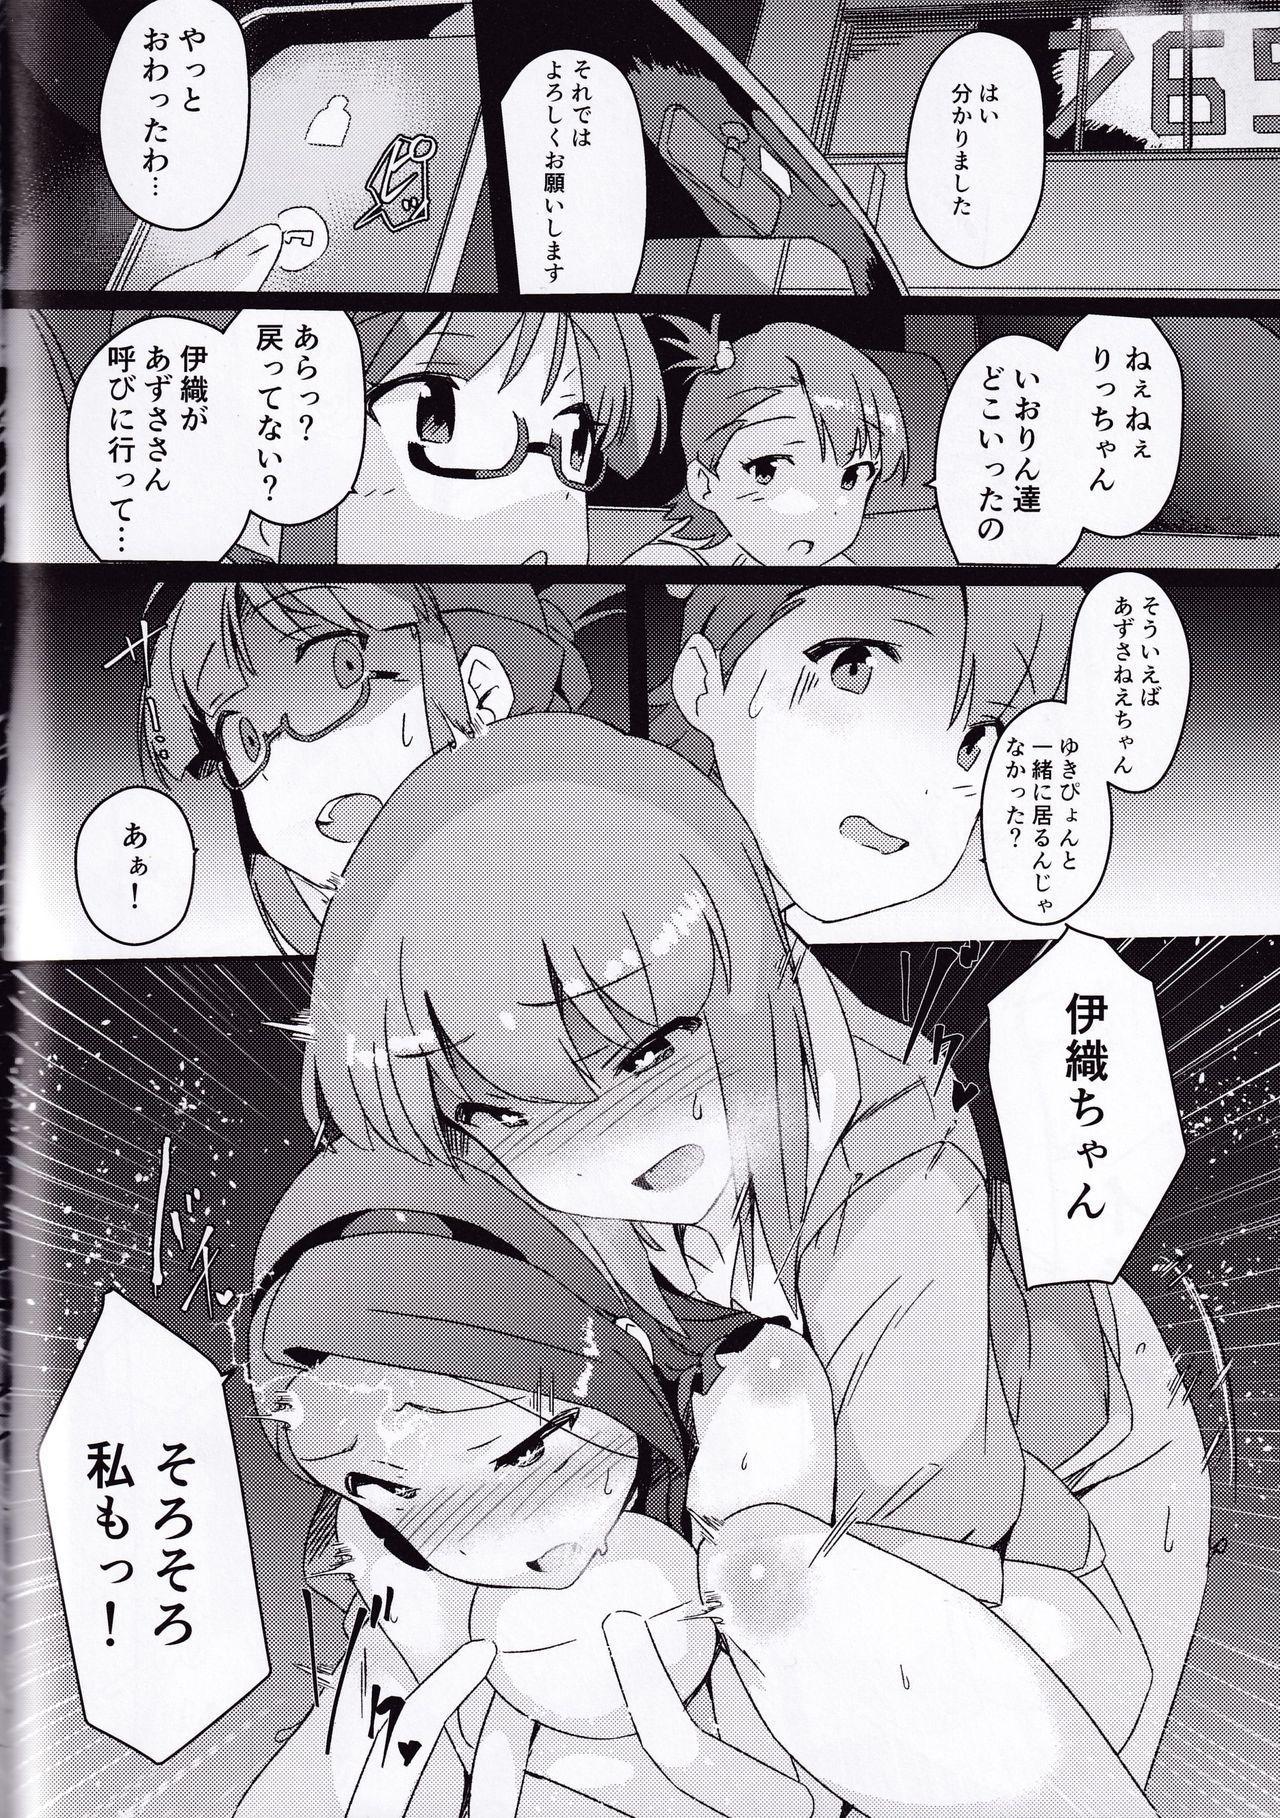 Yuki Chinpo Futanari Yukiho ga Bousou shite Iori to Ecchi shichau Hon + Omake 20